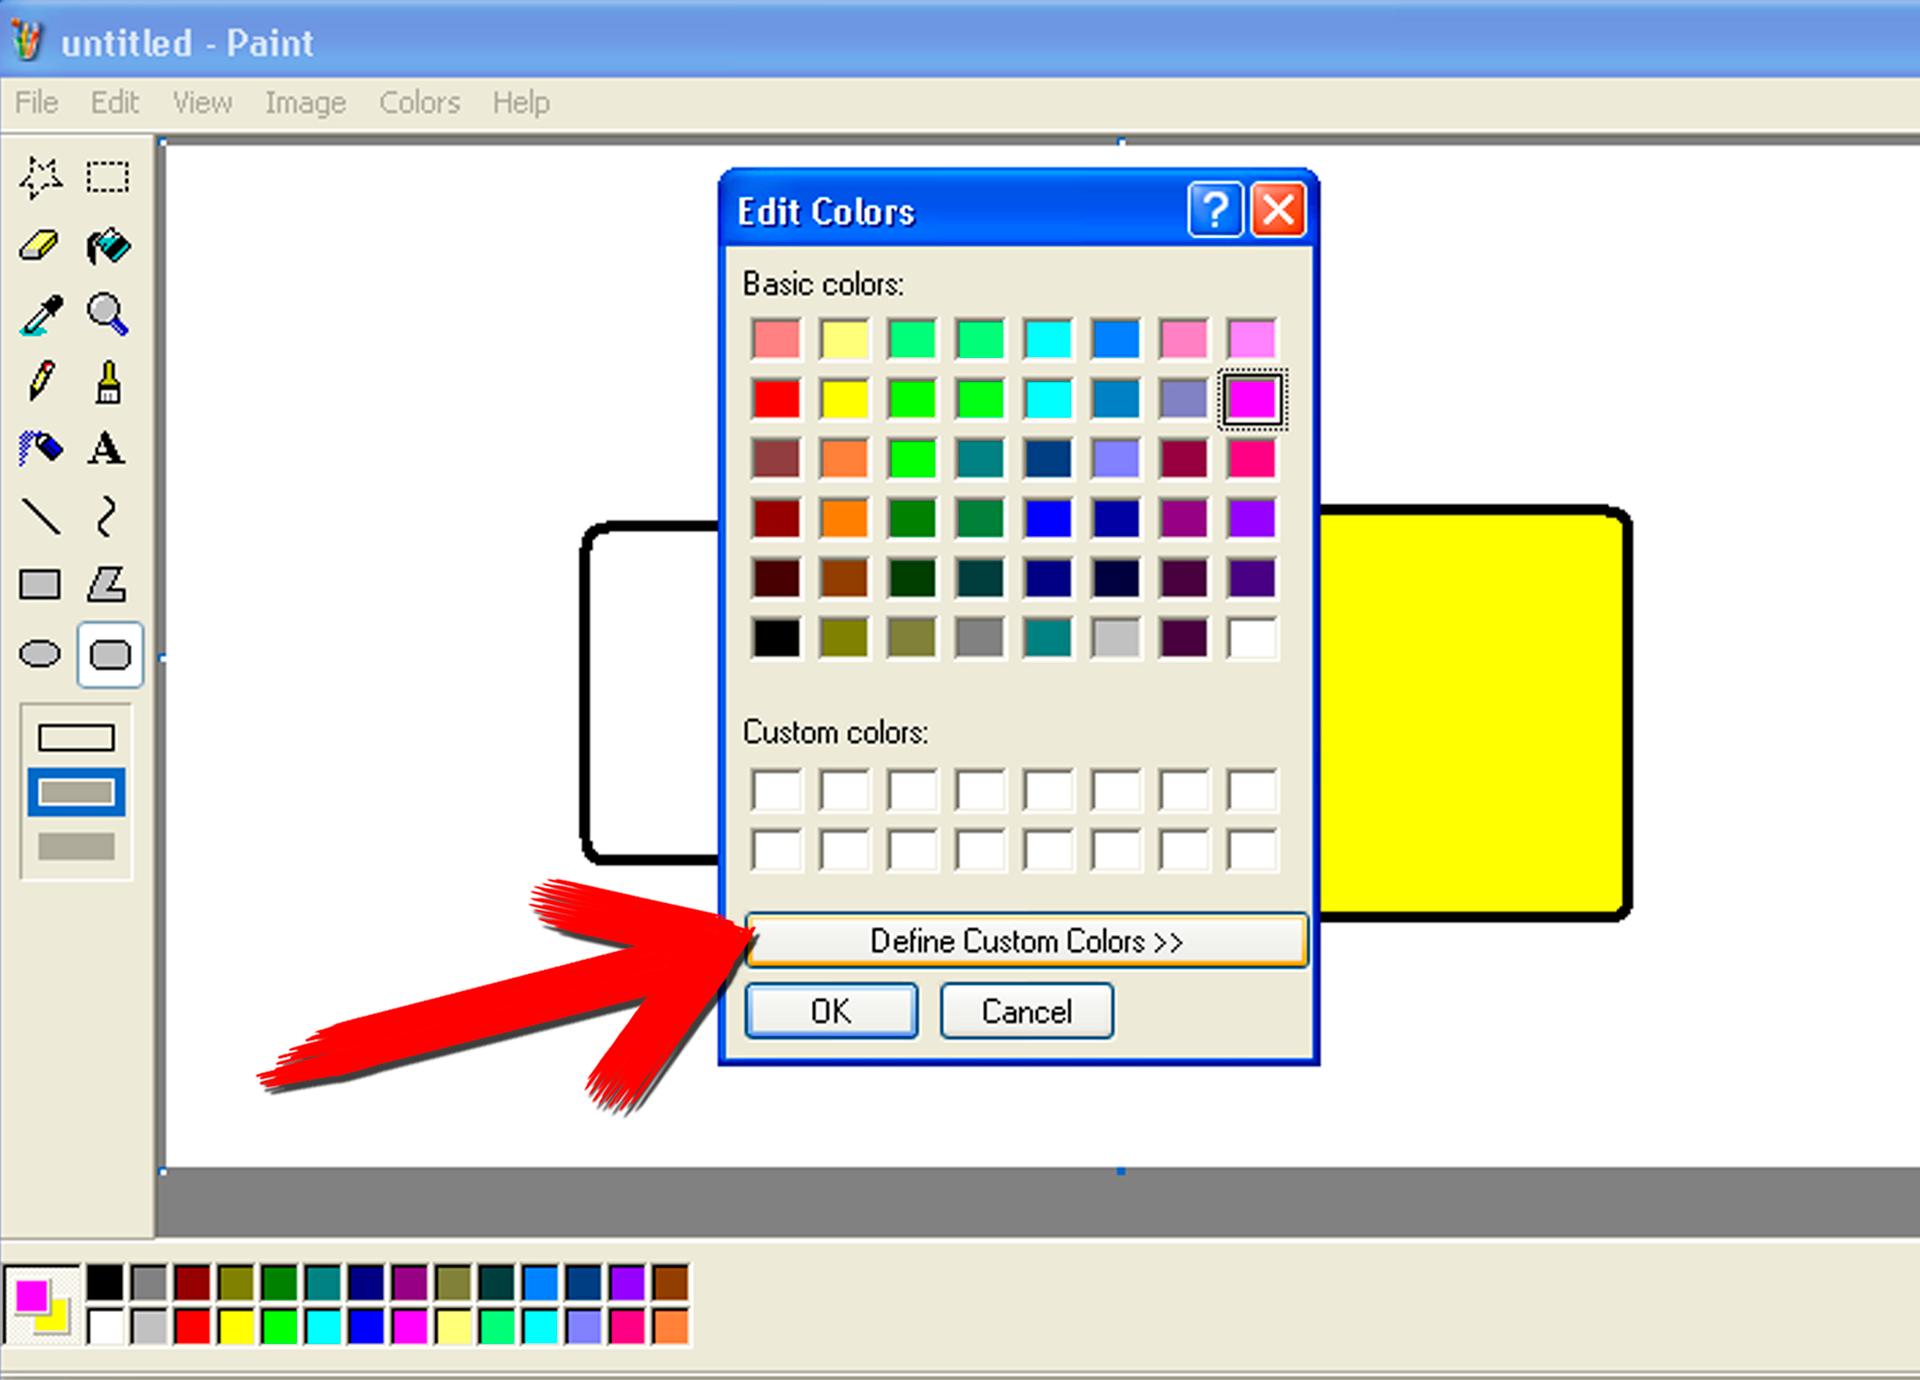 Desaparece un mito: Windows dejará de dar soporte a Microsoft Paint